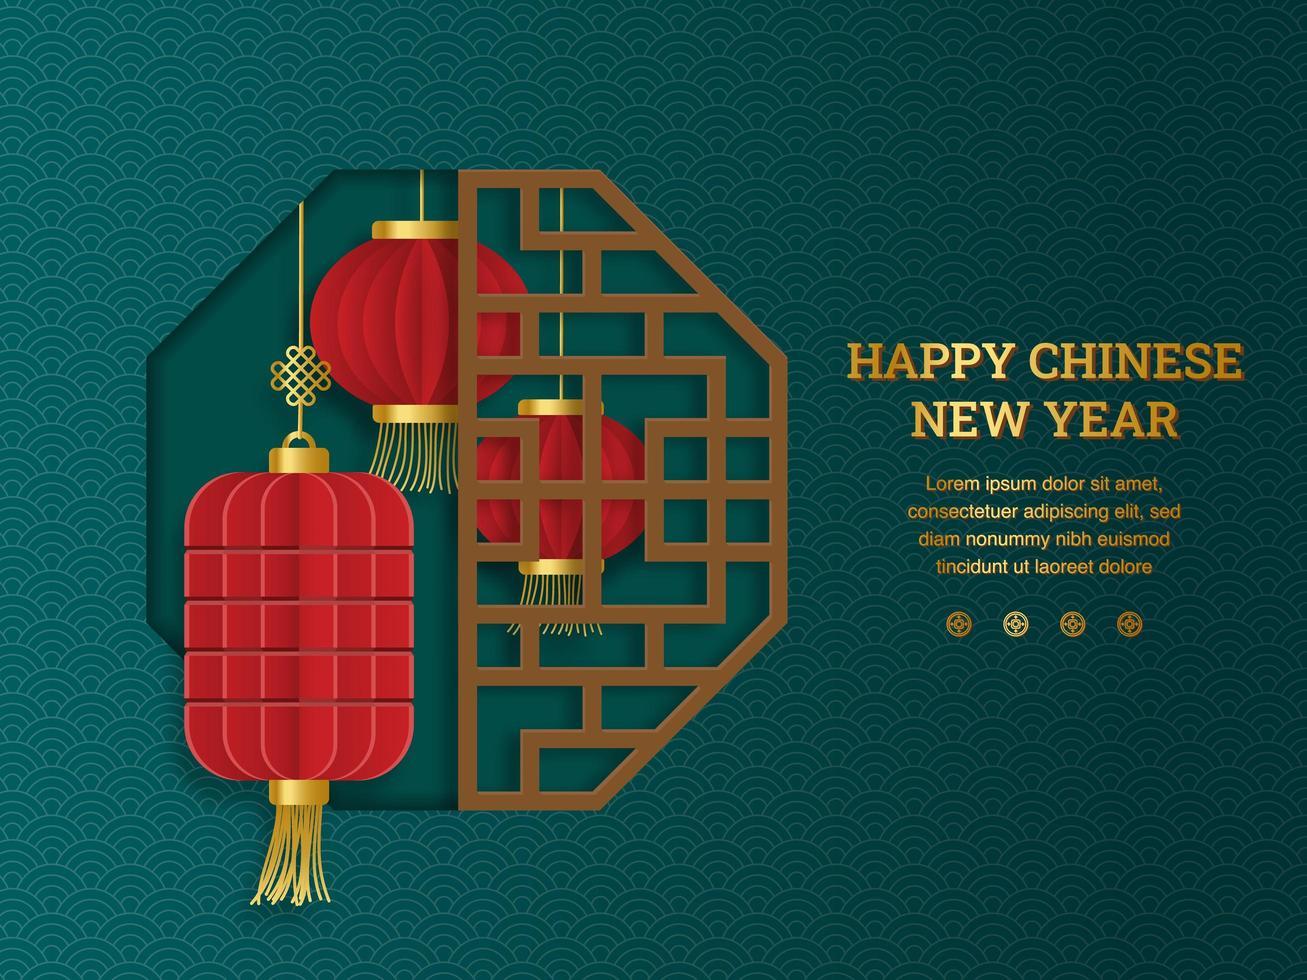 Chinees papier gesneden lantaarns in achthoek raamkozijn vector